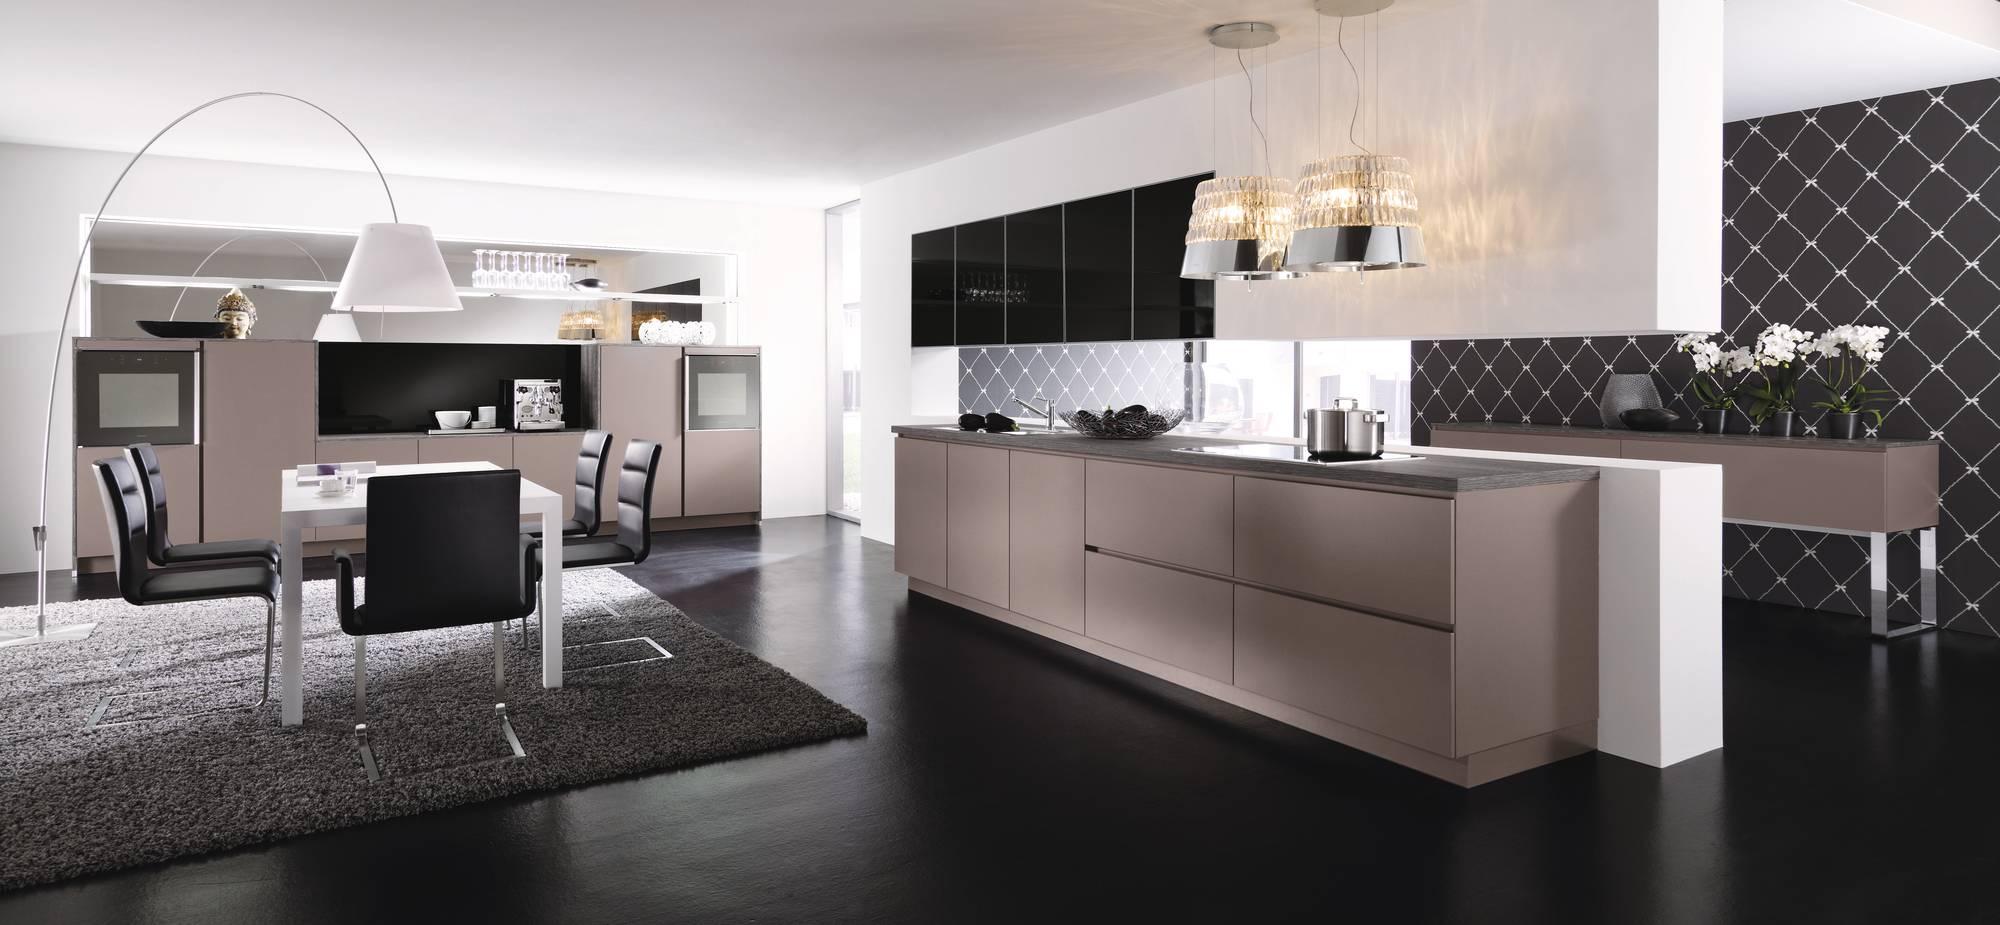 al42281a00 42687a00 m bel weber neustadt landau karlsruhe. Black Bedroom Furniture Sets. Home Design Ideas